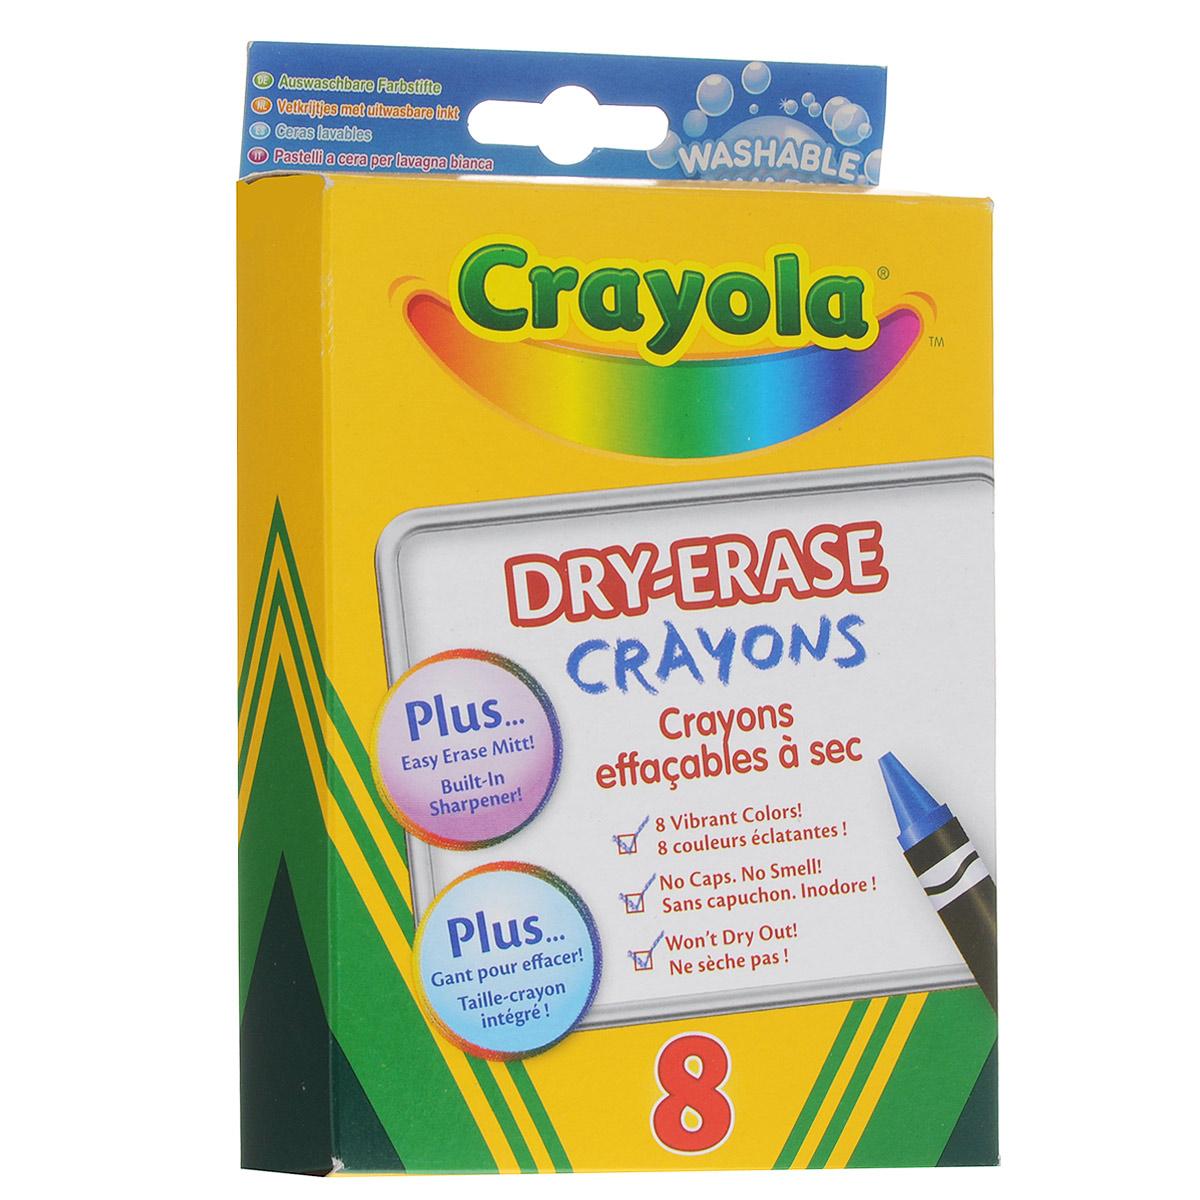 Восковые мелки Crayola Dry-Erase Crayons, 8 цветов98-5200Восковые мелки Crayola Dry-Erase Crayons созданы специально для самых маленьких художников. Мелки обеспечивают удивительно мягкое письмо, не ломаются, обладают отличными кроющими свойствами. В изготовлении мелков использовались абсолютно безопасные натуральные материалы. Мелки окрашены в яркие, насыщенные цвета, которые так нравятся малышам. Желтый, красный, оранжевый, зеленый, синий, черный, коричневый и фиолетовый - восковые мелки позволят создавать малышу на бумаге самые красочные рисунки. Кроме того, эти мелки с легкостью могут быть смыты с любых поверхностей. Поэтому родителям не придется беспокоиться в моменты, когда их ребенок захочет проявить во всю свою творческую натуру! В комплект также входит текстильный платочек черного цвета. Восковые мелки Crayola Dry-Erase Crayons помогают малышам развить мелкую моторику ручек, координацию движений, воображение и творческое мышления, стимулируют цветовое восприятие, а также способствуют самовыражению.